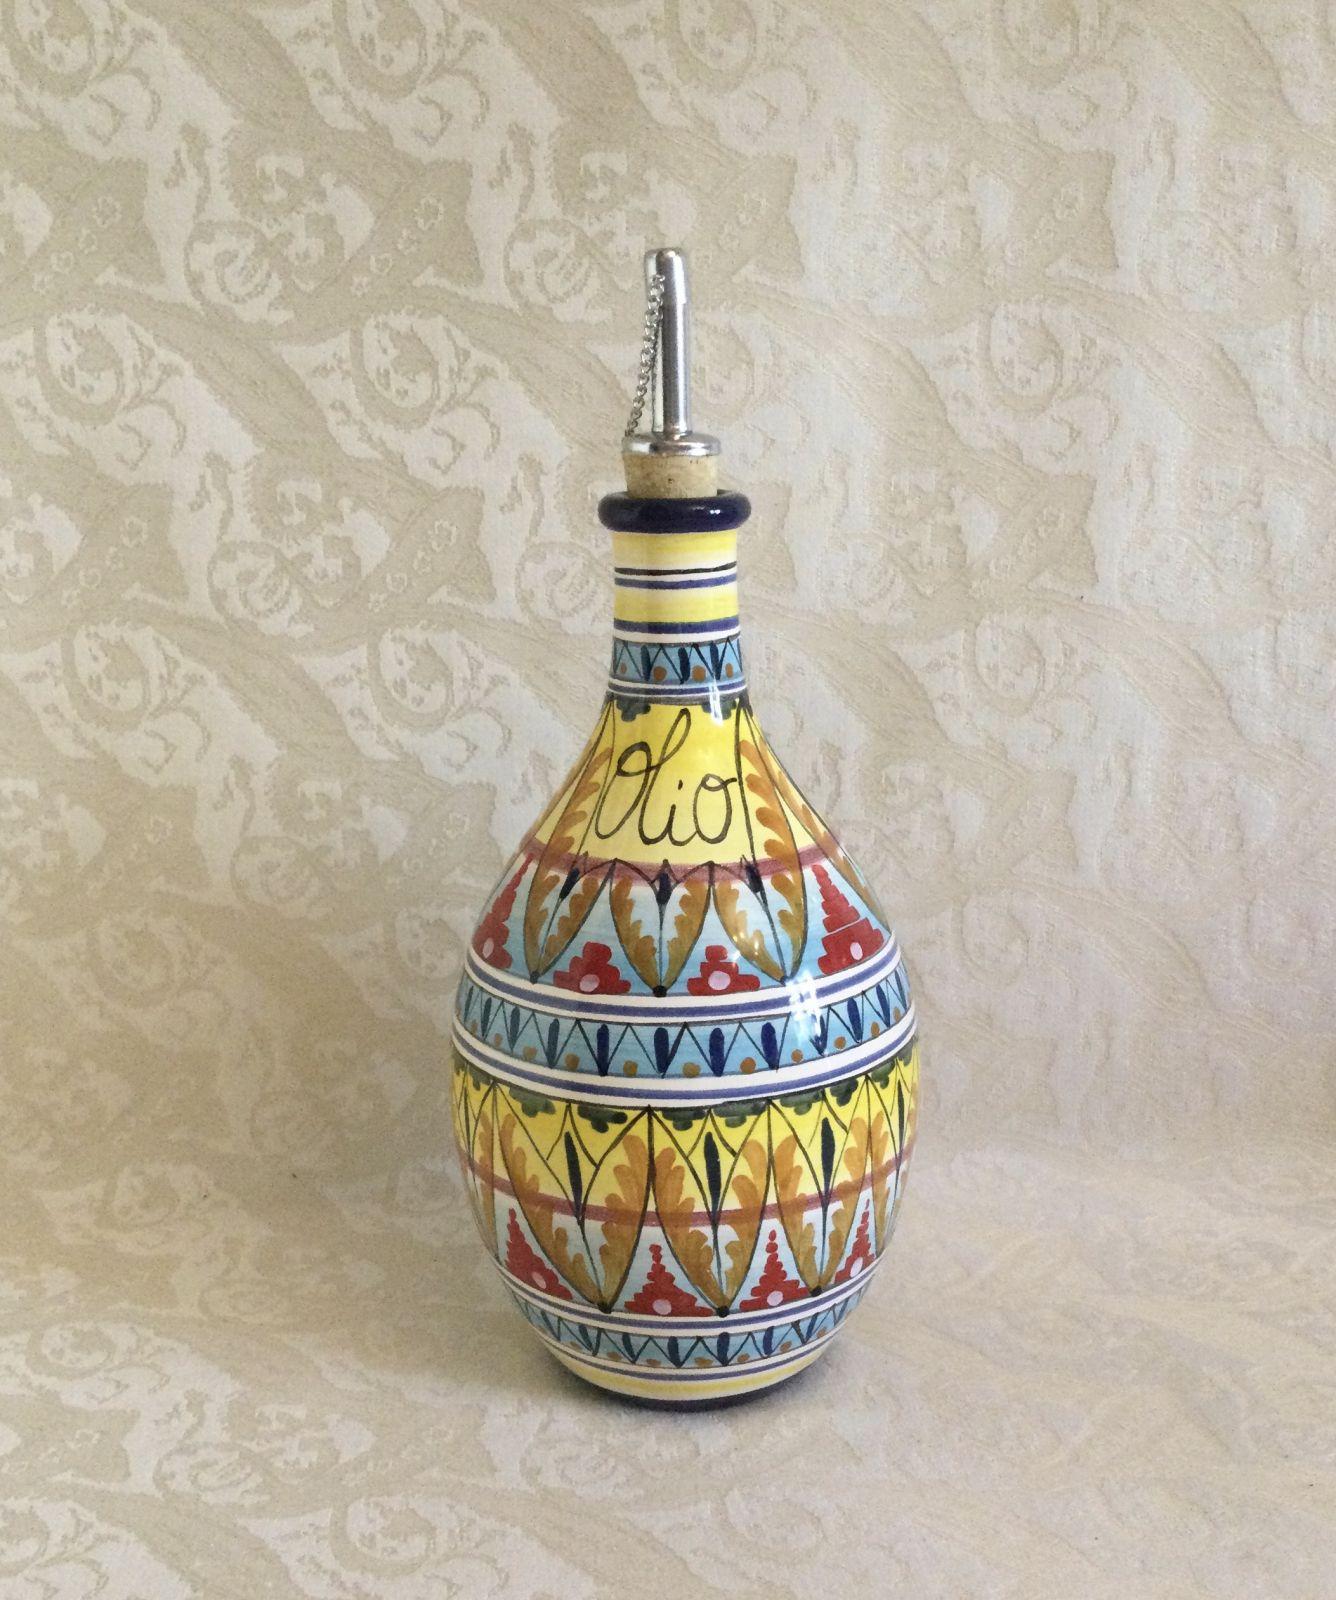 Ampolla h18 olio